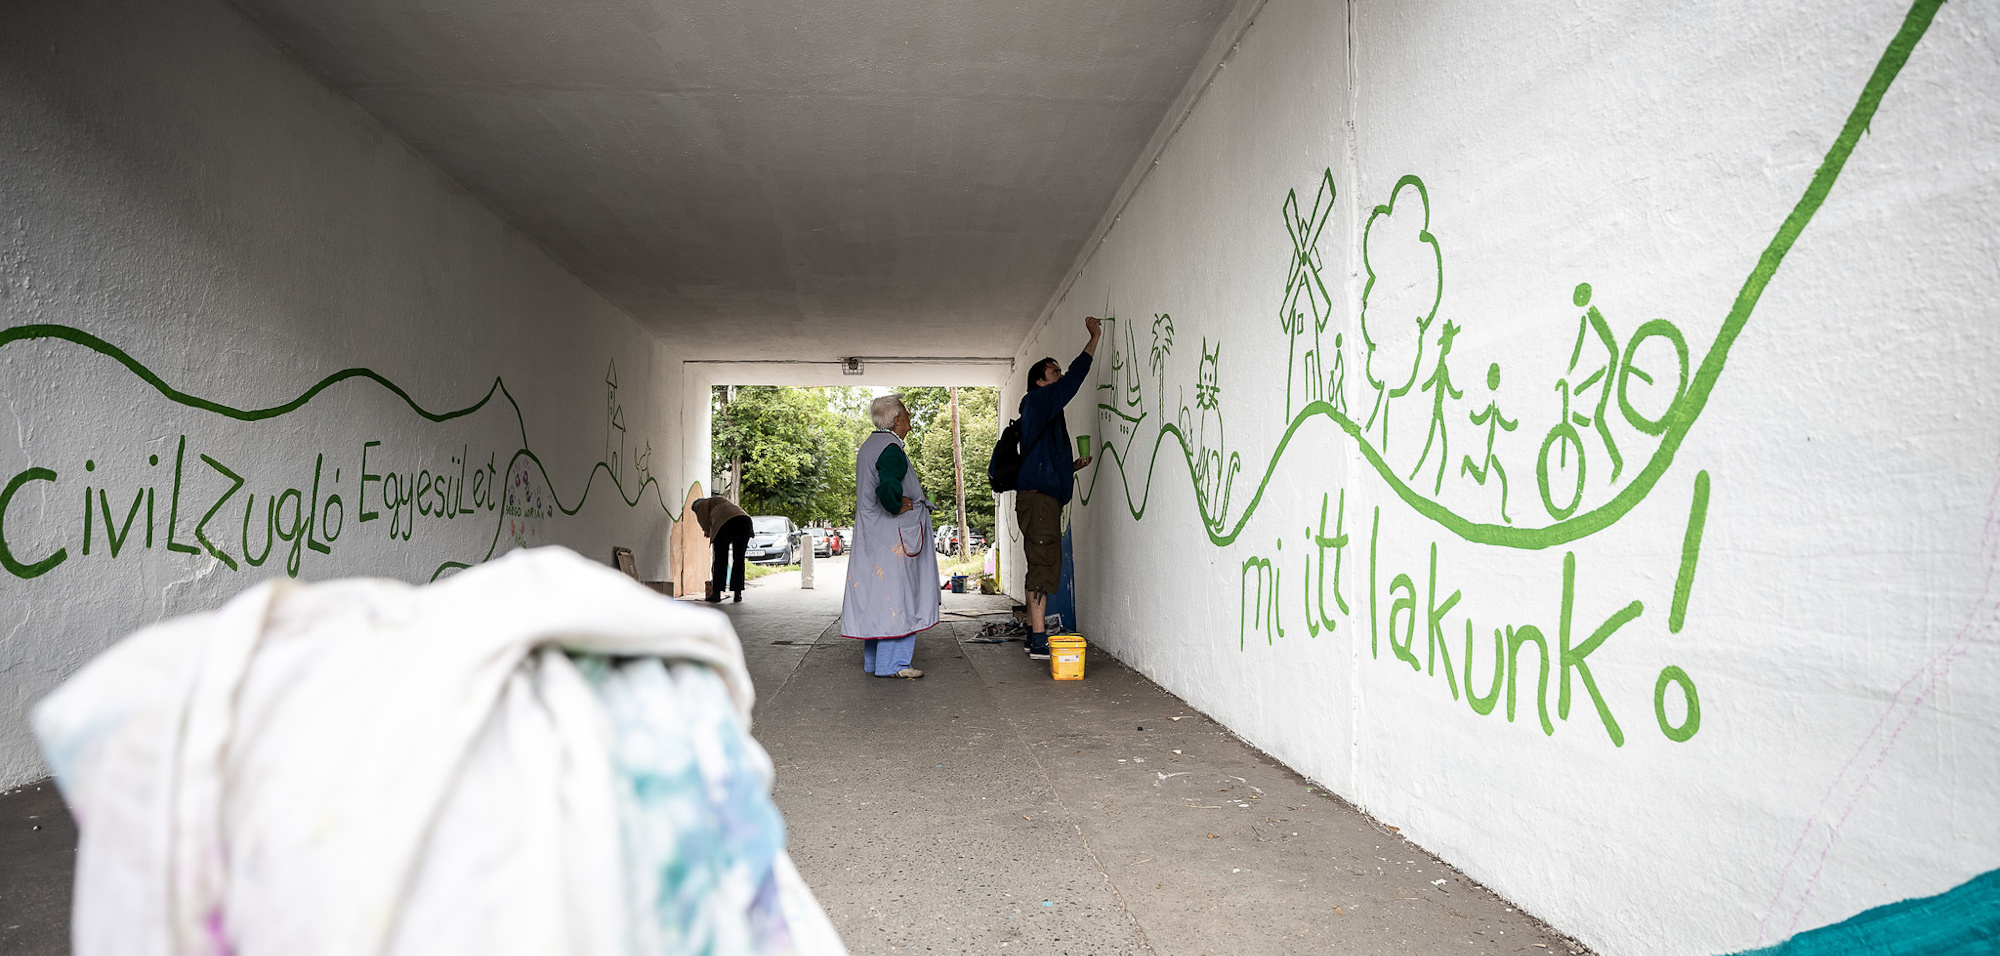 Ismét vasúti aluljárót festettek ki a civilek